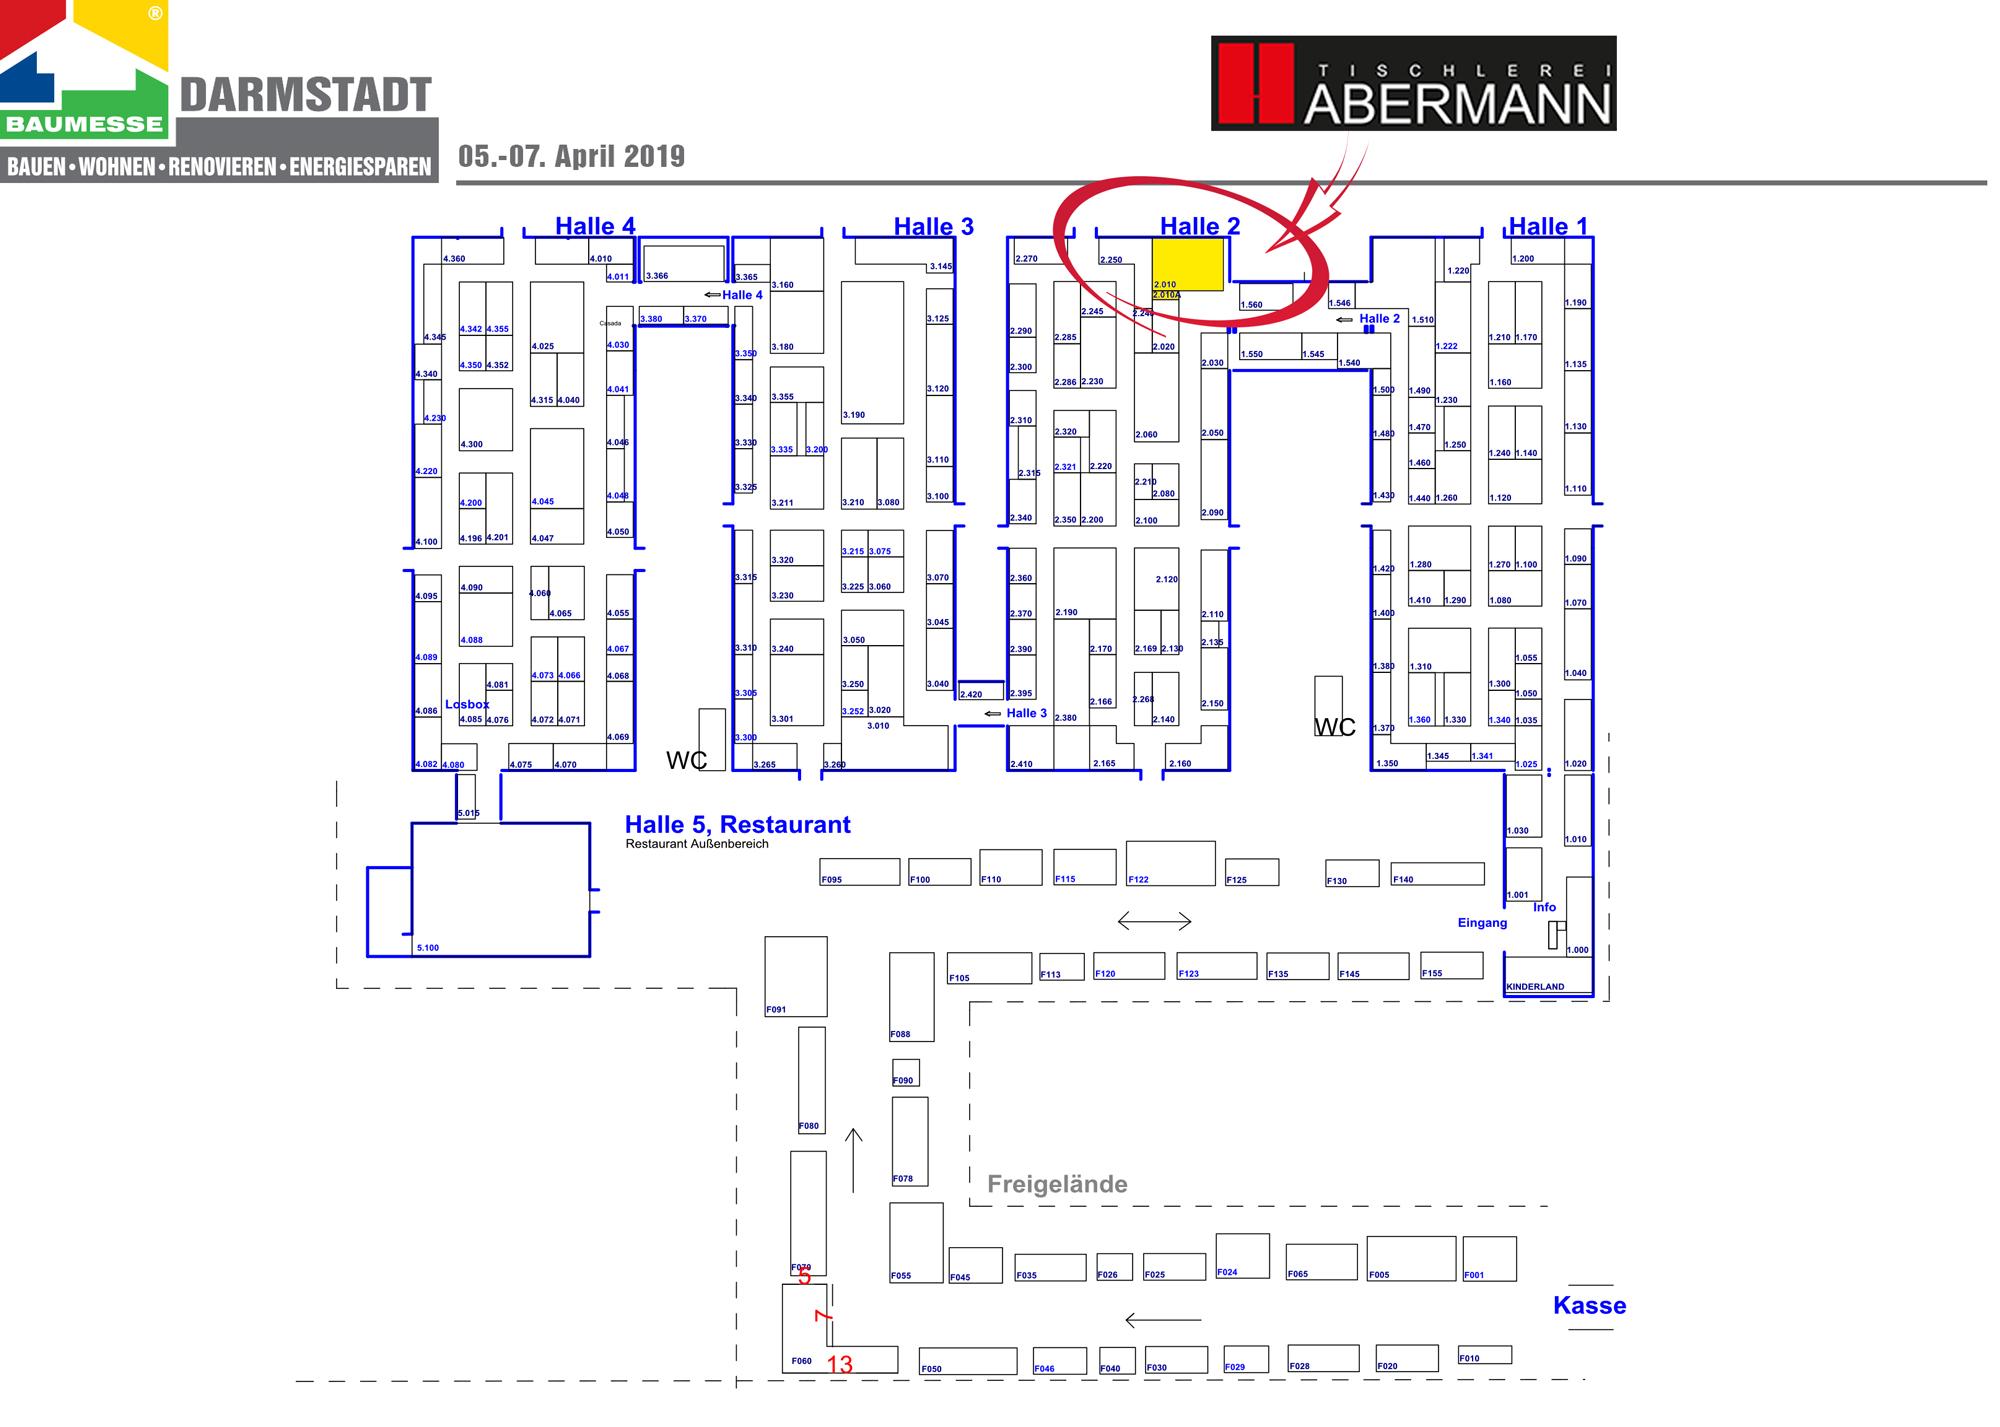 Hallenplan und Stand der Tischlerei Habermann auf der Darmstädter Baumesse 2019